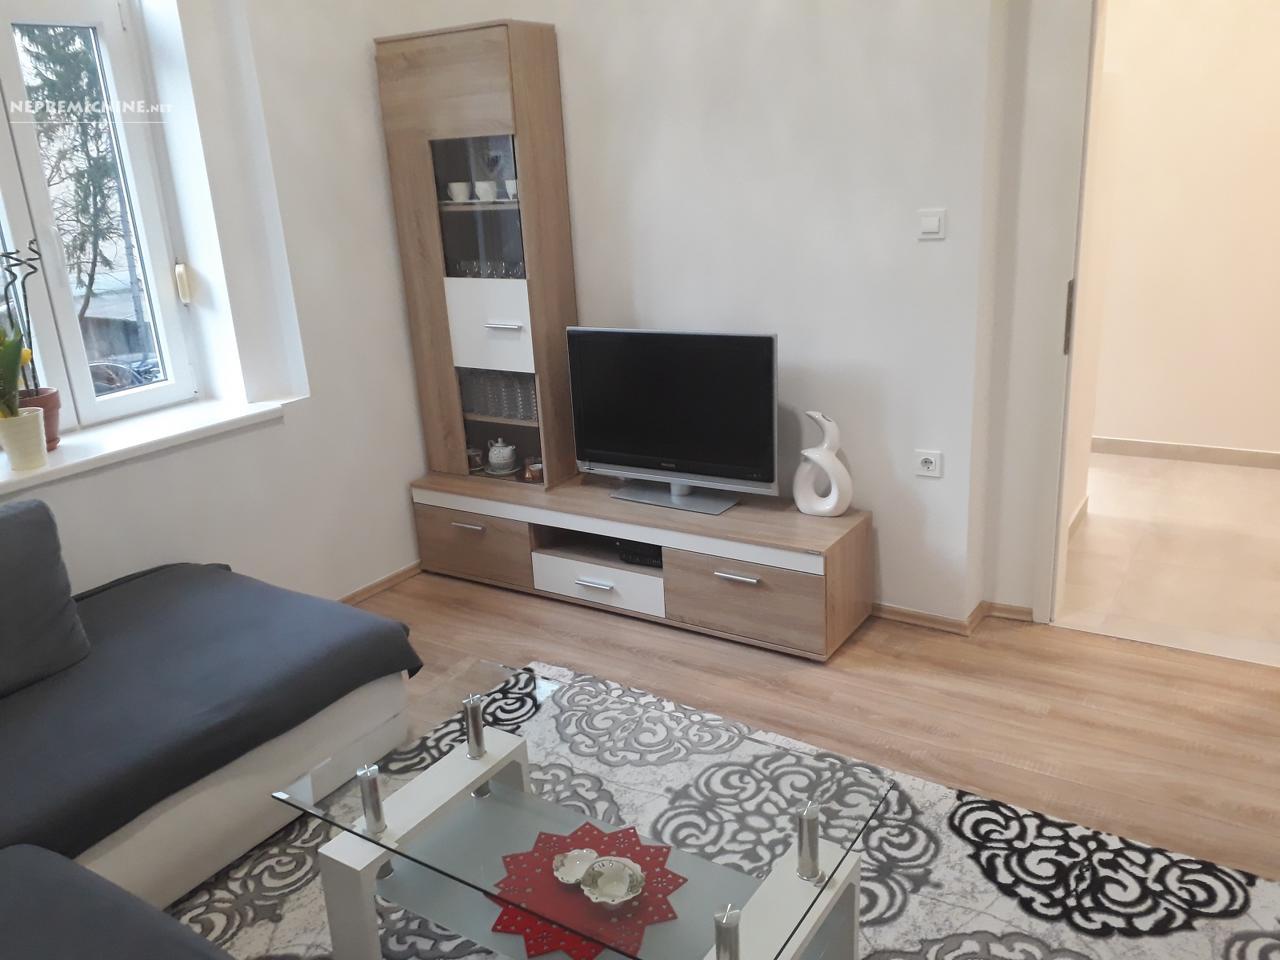 Prodaja, stanovanje - LJ. CENTER 1